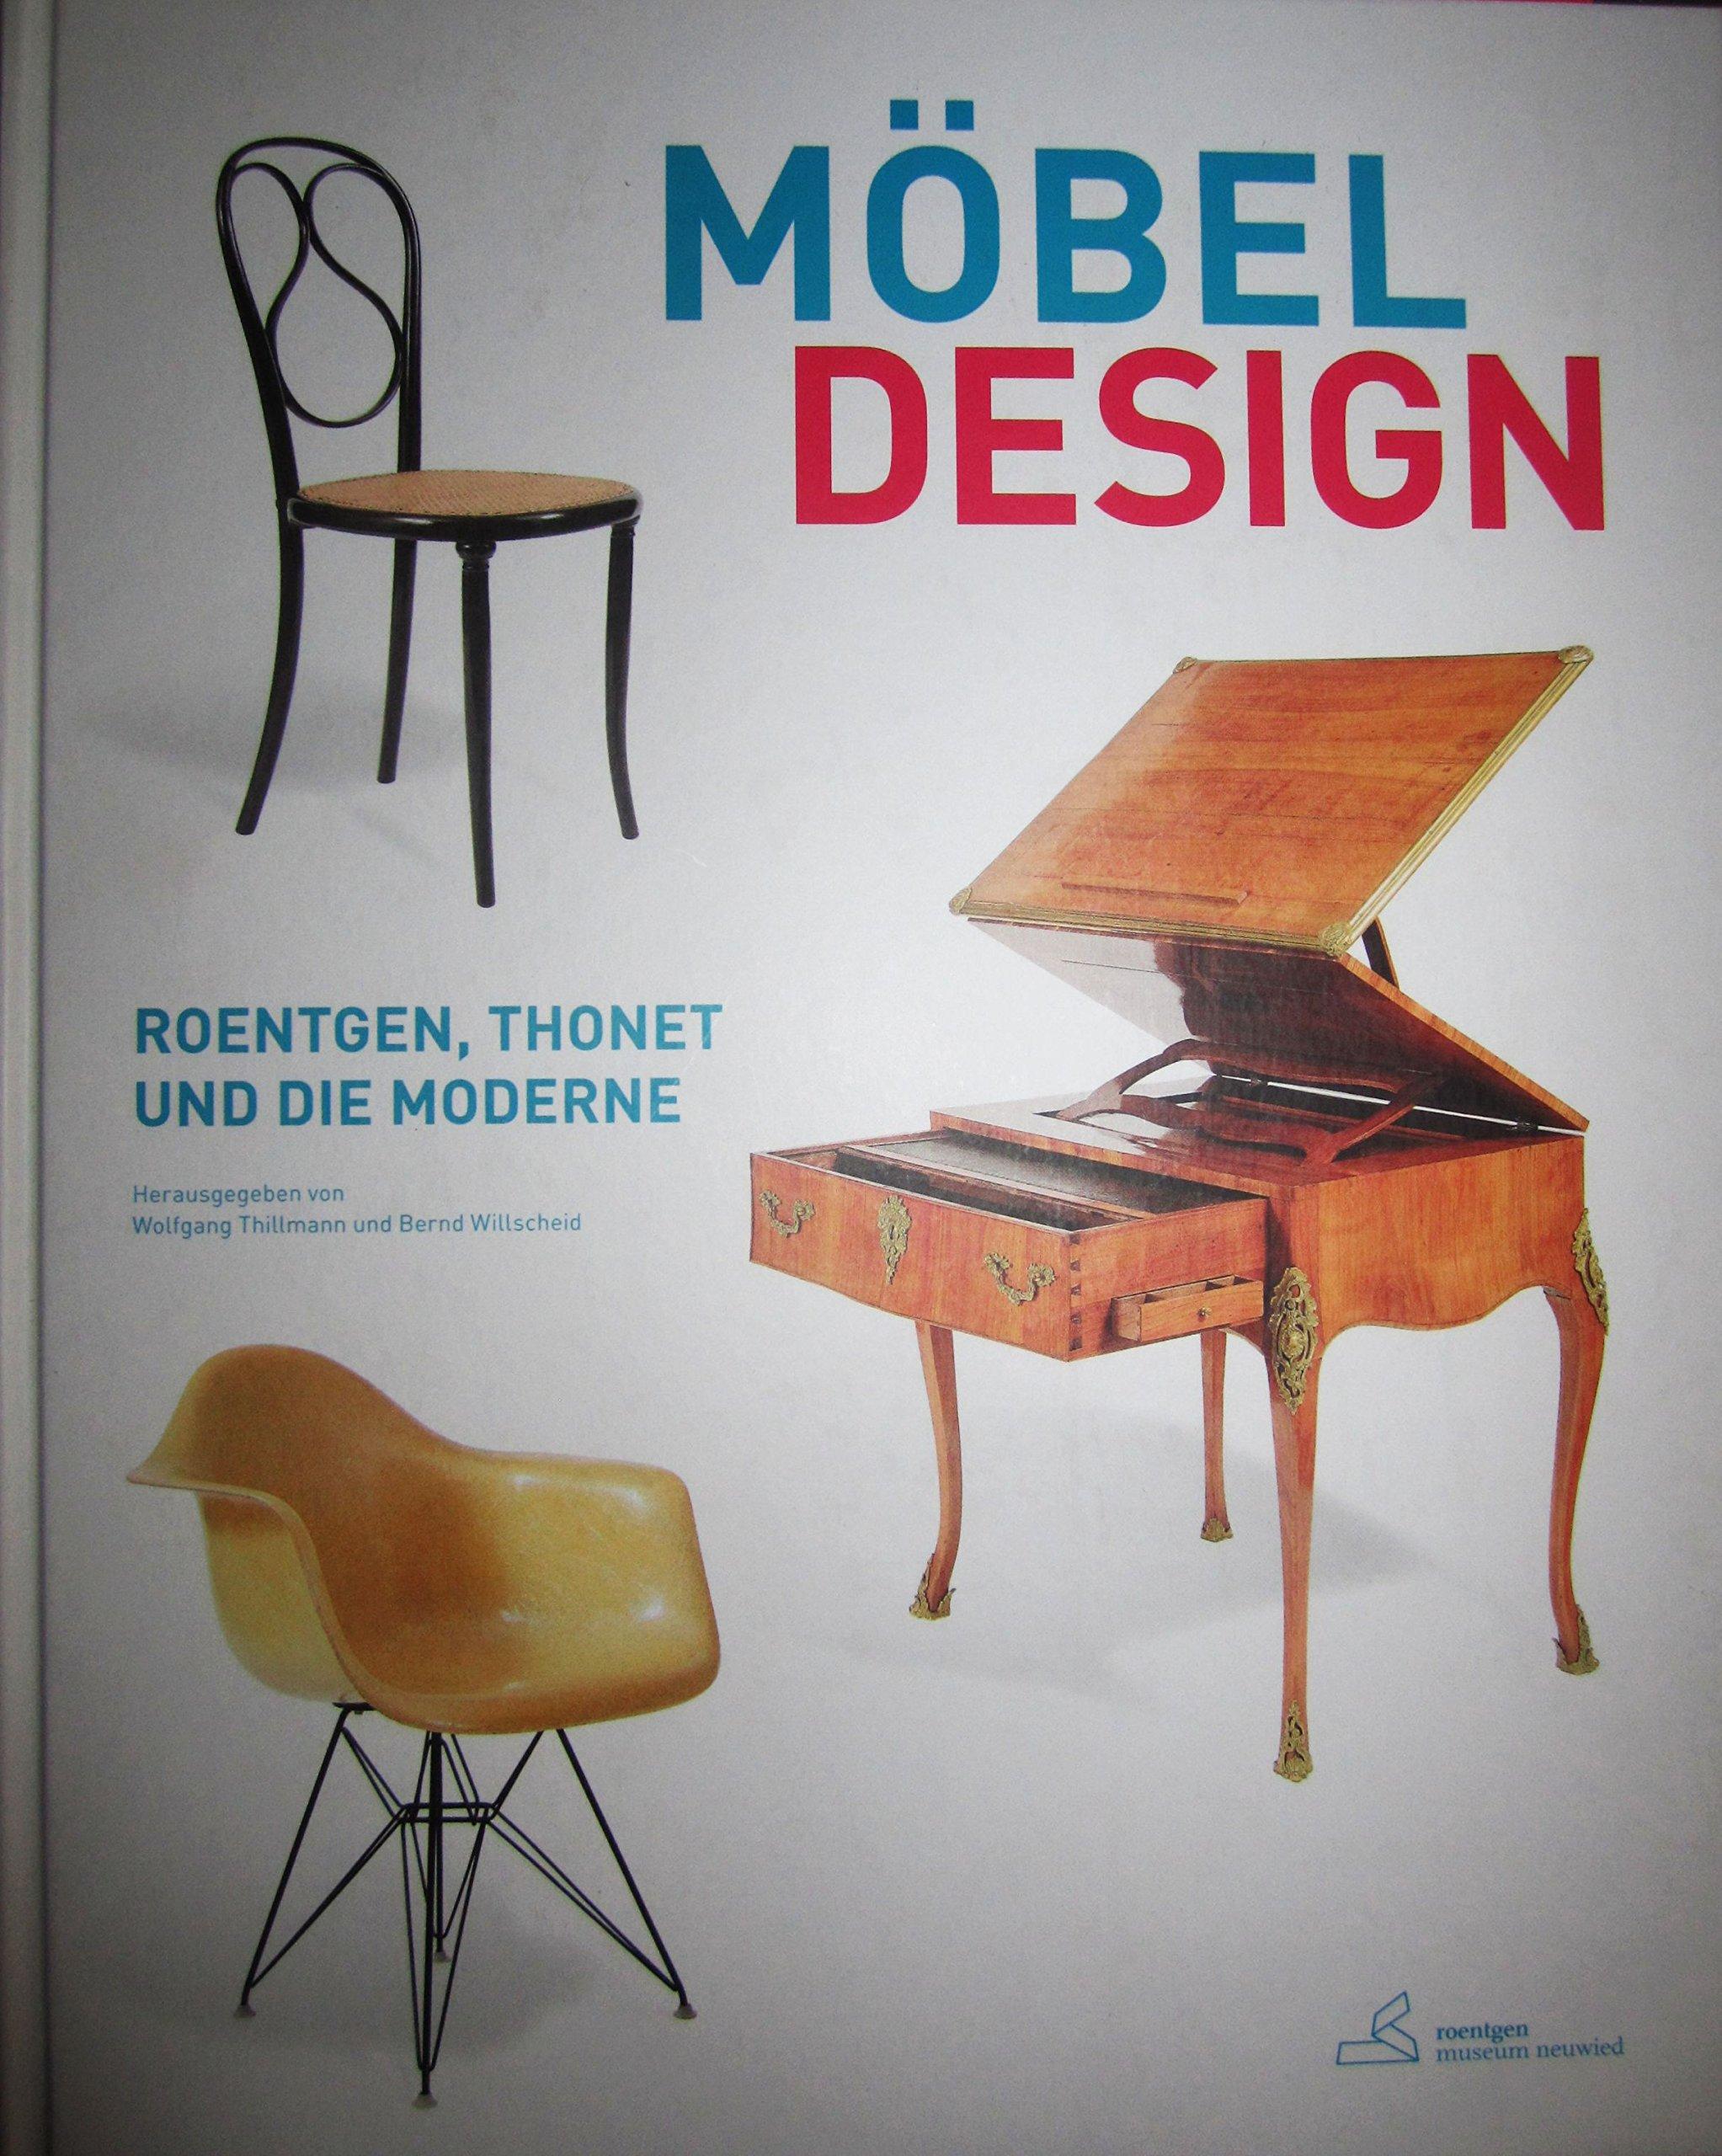 Möbel Design. Roentgen, Thonet und die Moderne.: Amazon.de: Bernd ...